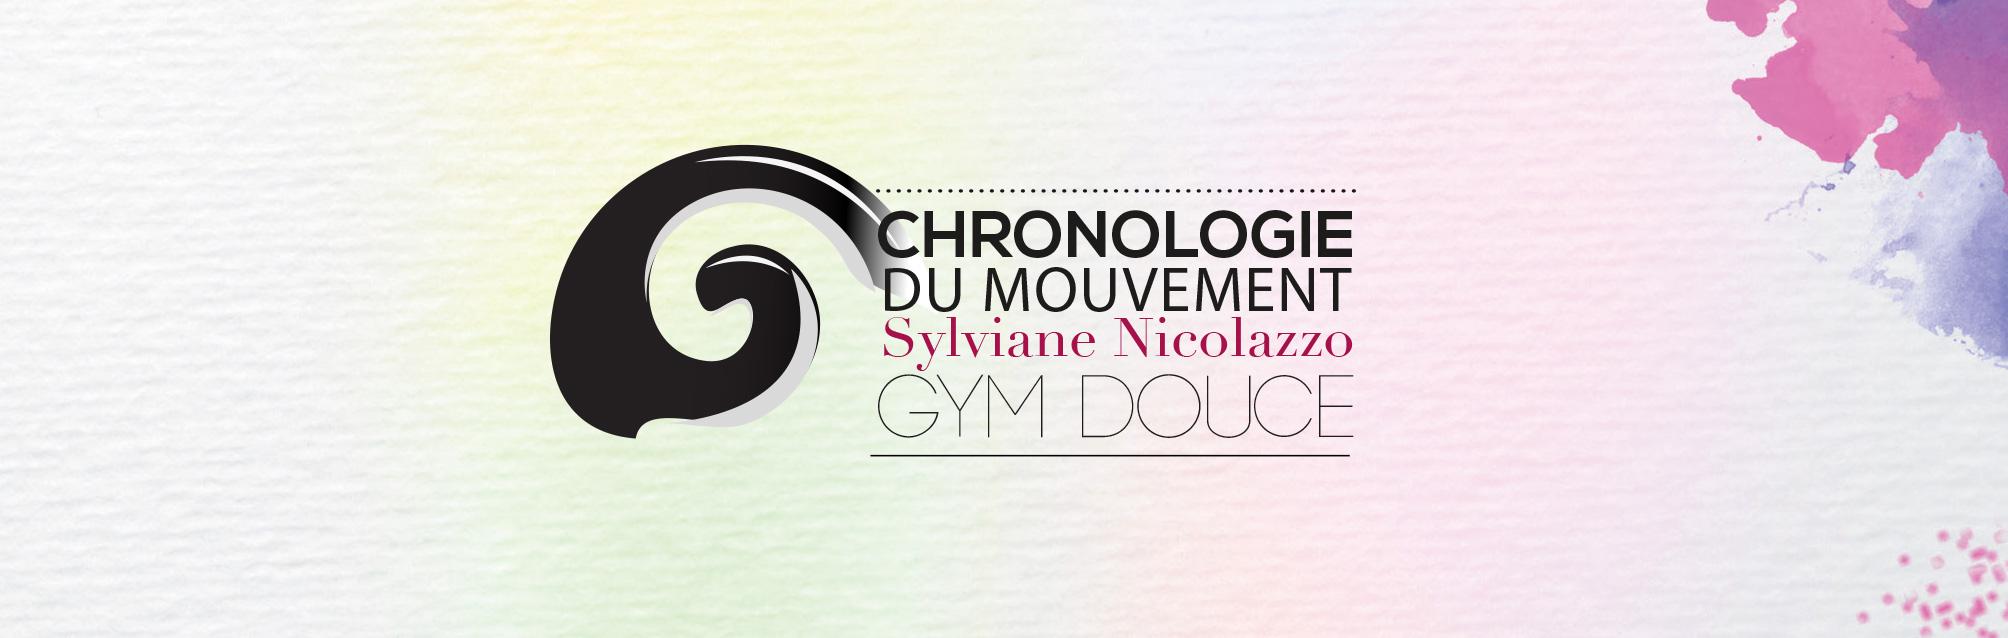 Logo Sylviane Nicolazzo - Chronologie du Mouvement